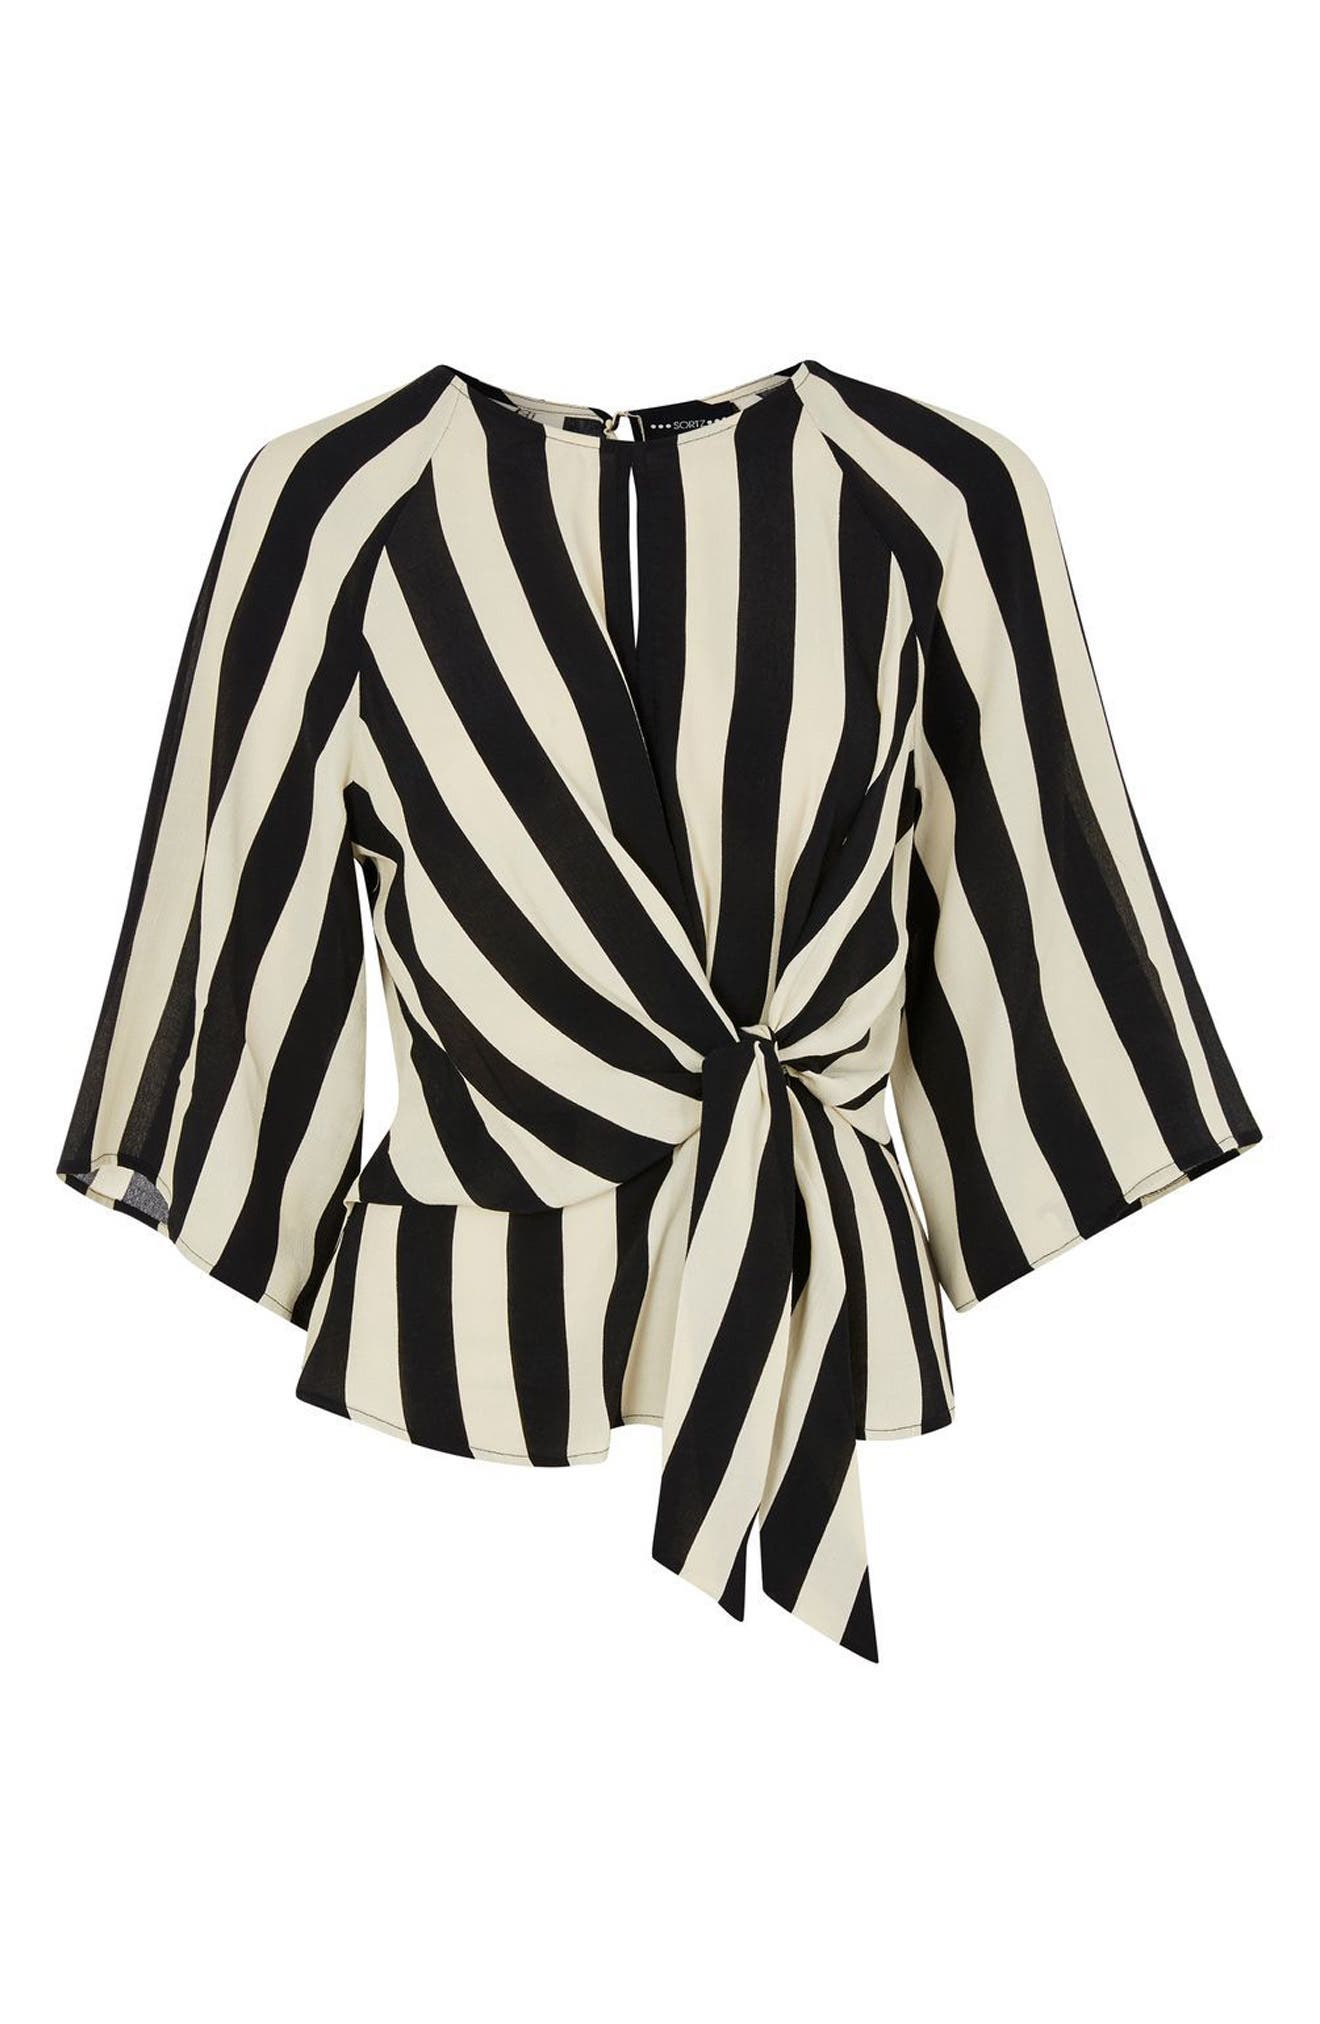 Humbug Stripe Slouch Knot Blouse,                             Alternate thumbnail 3, color,                             Black Multi